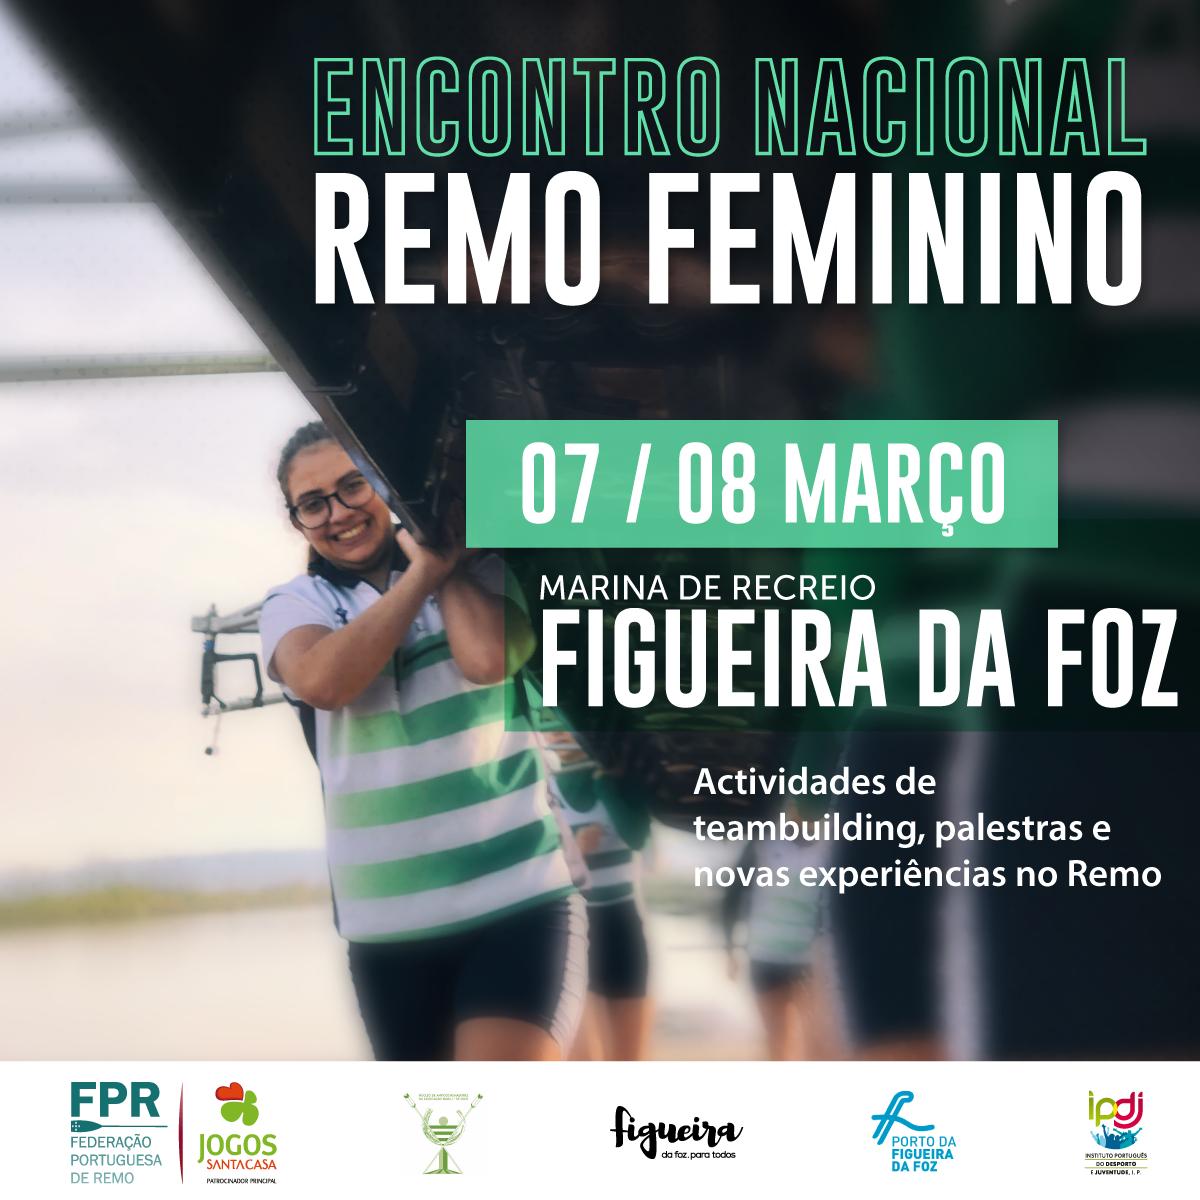 3º Encontro Nacional de Remo Feminino - Figueira da Foz